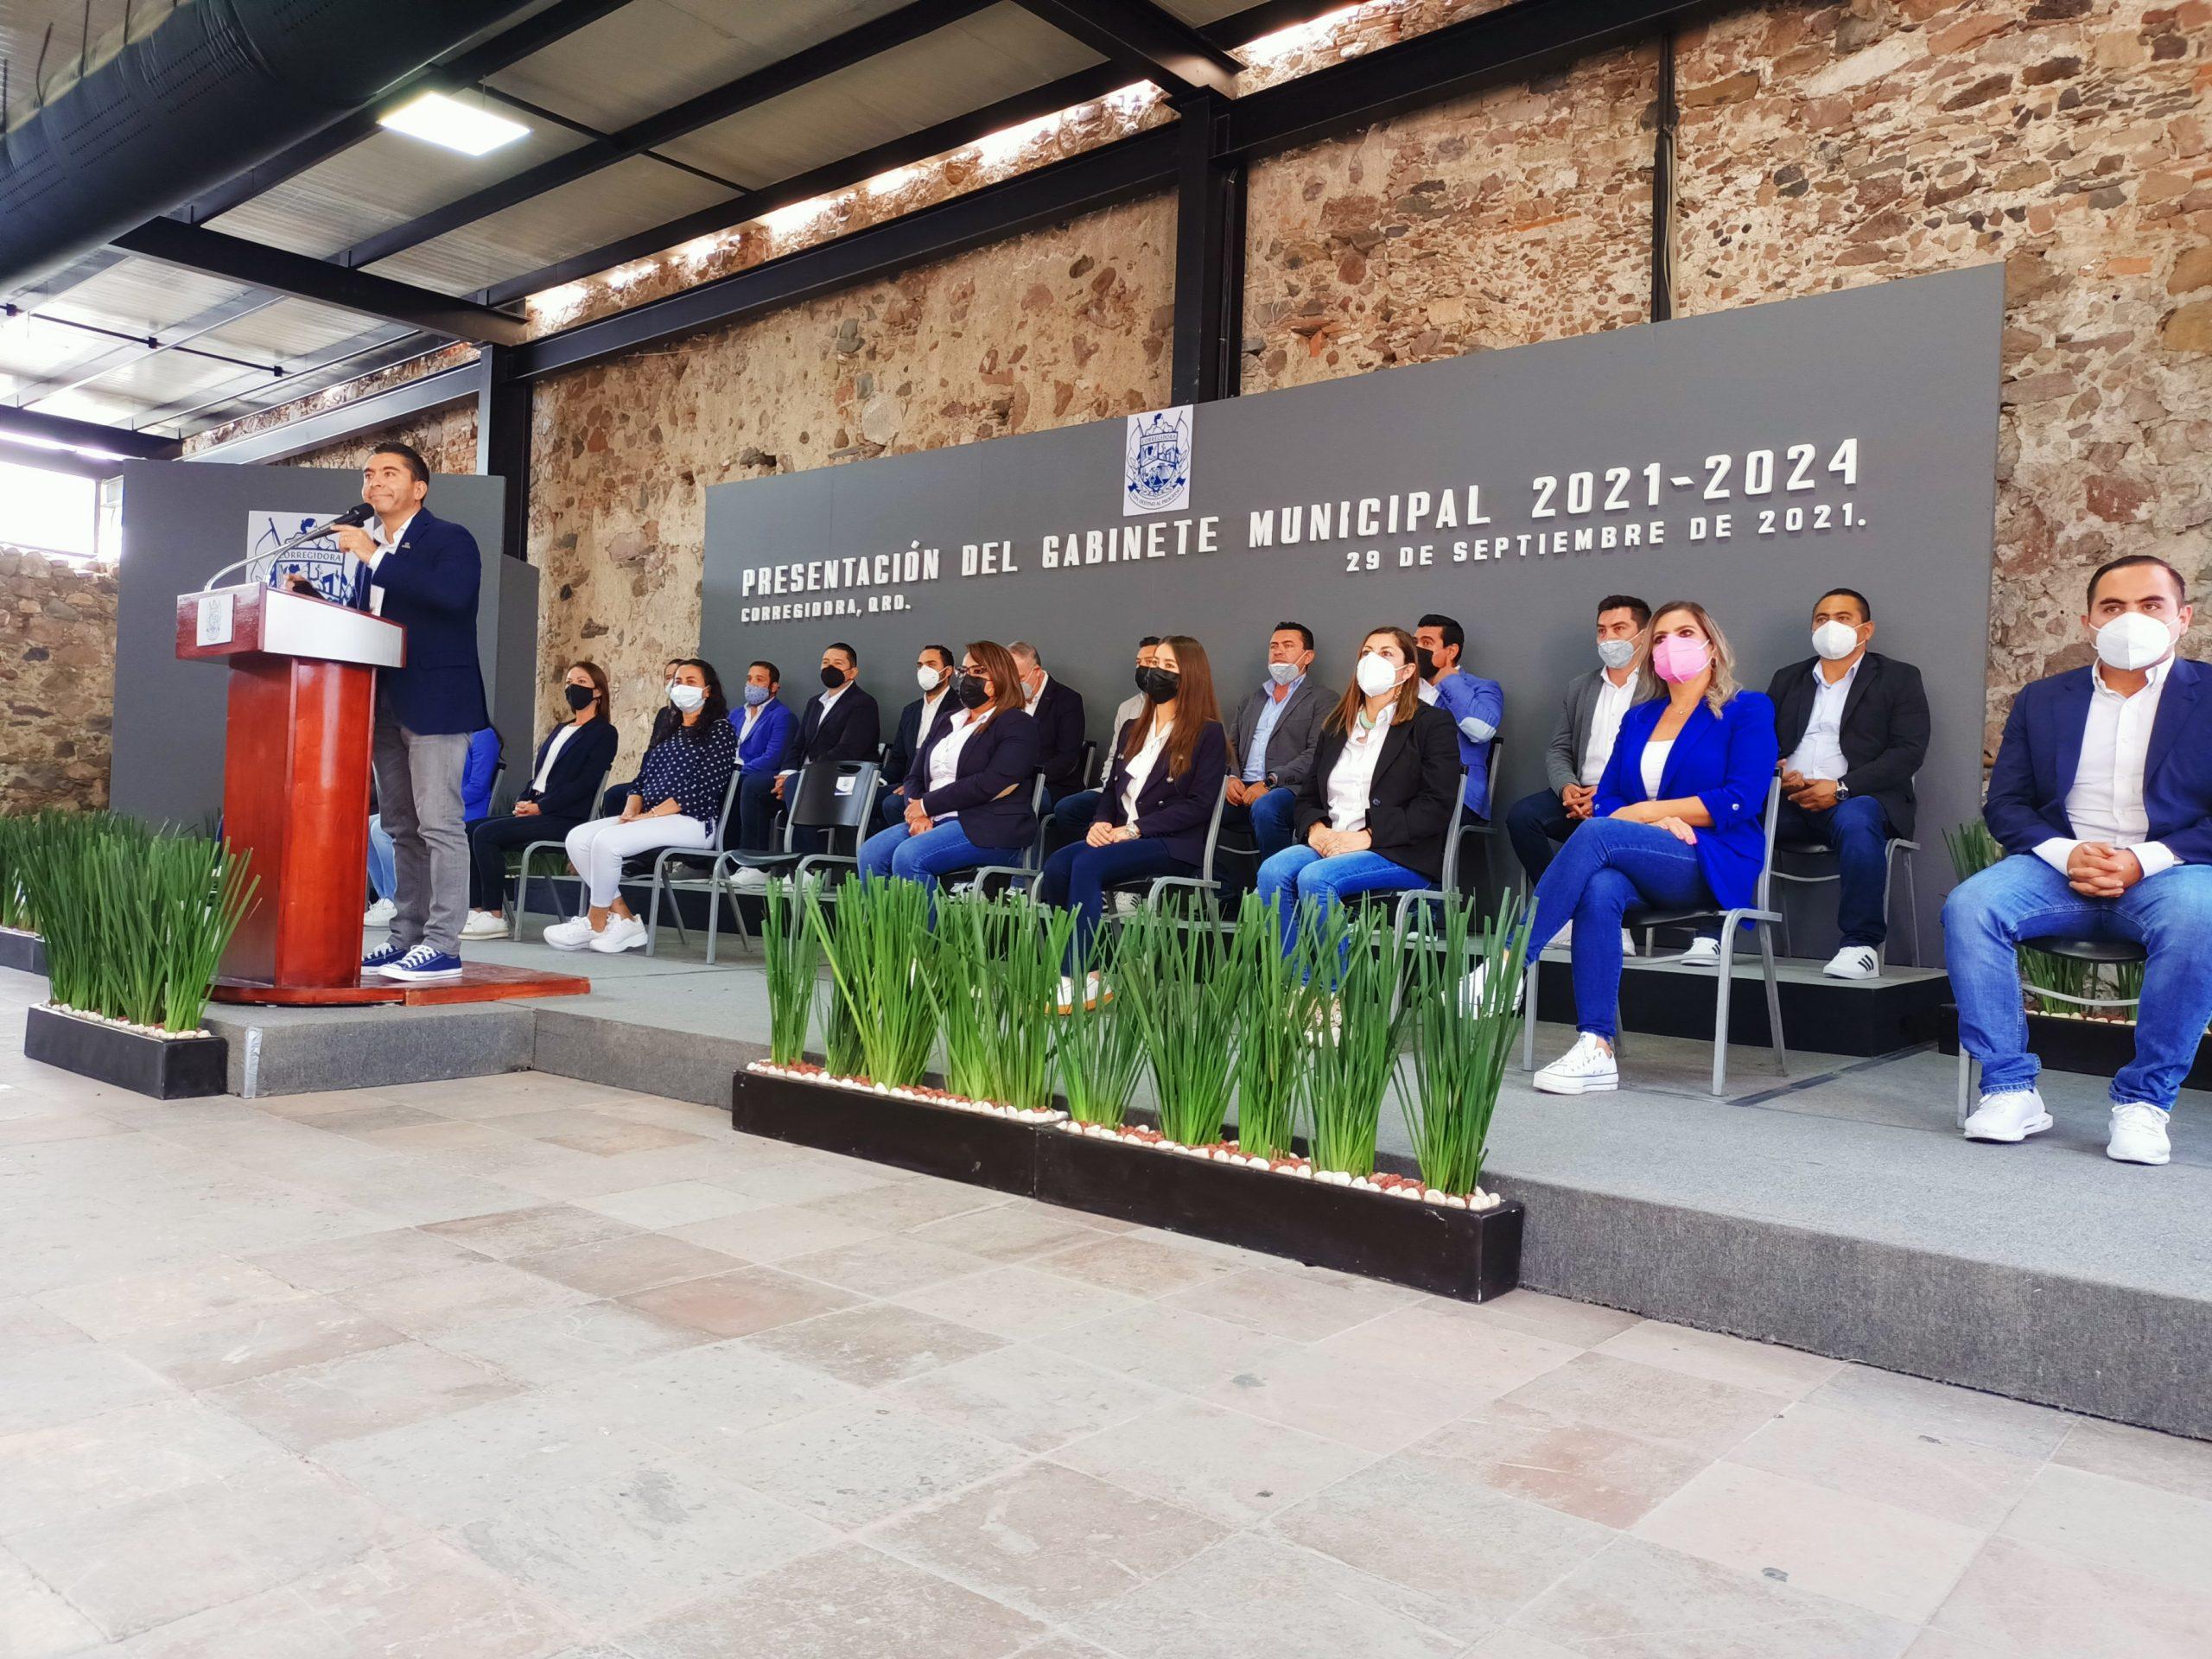 Presenta el alcalde de Corregidora Roberto Sosa a su Gabinete